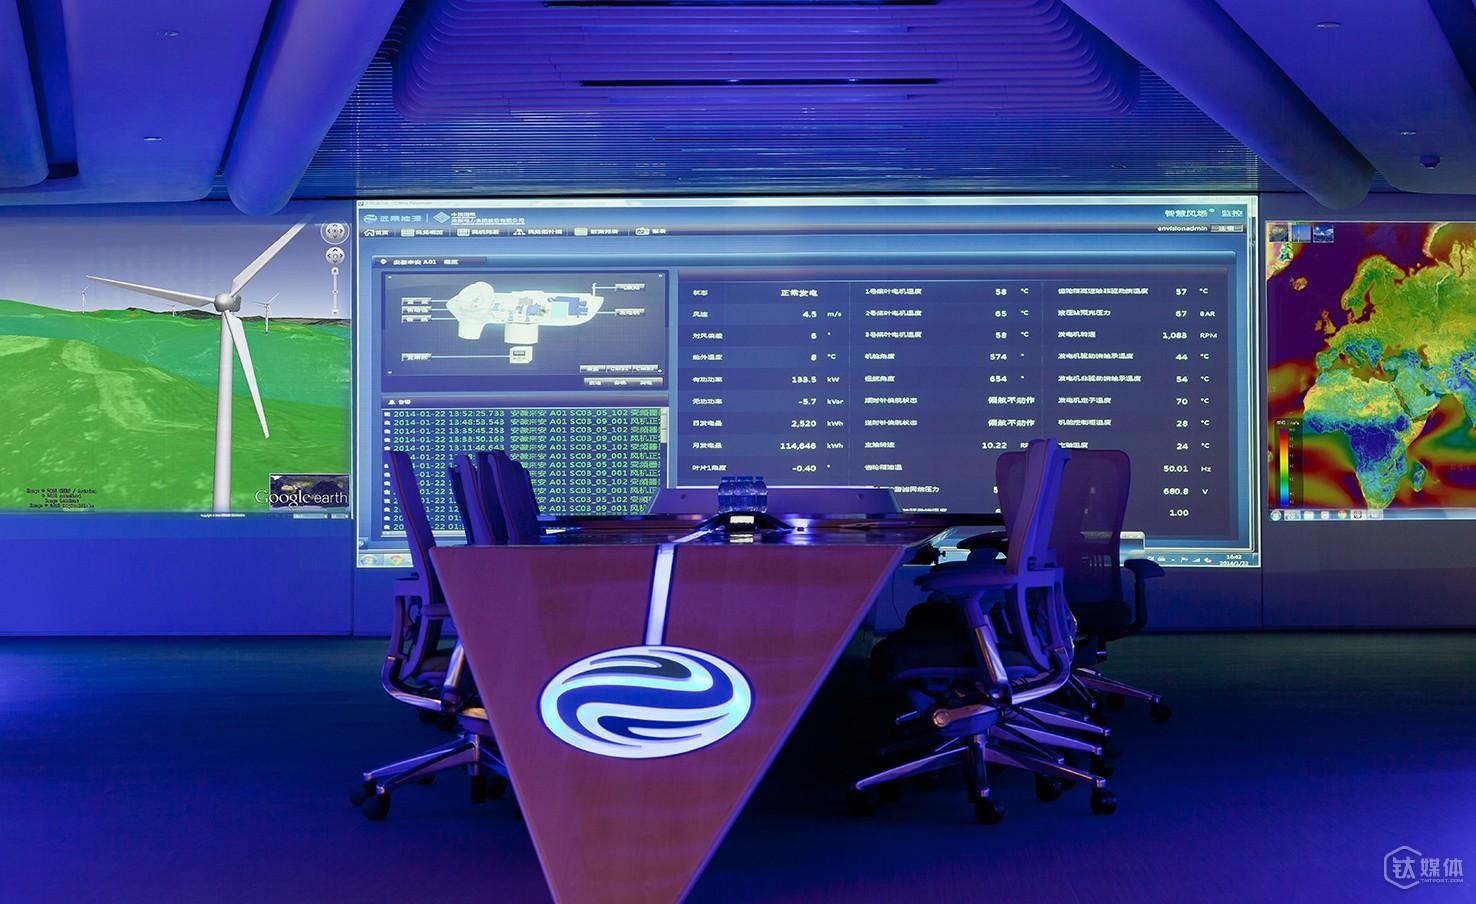 上海智慧能源管理中心